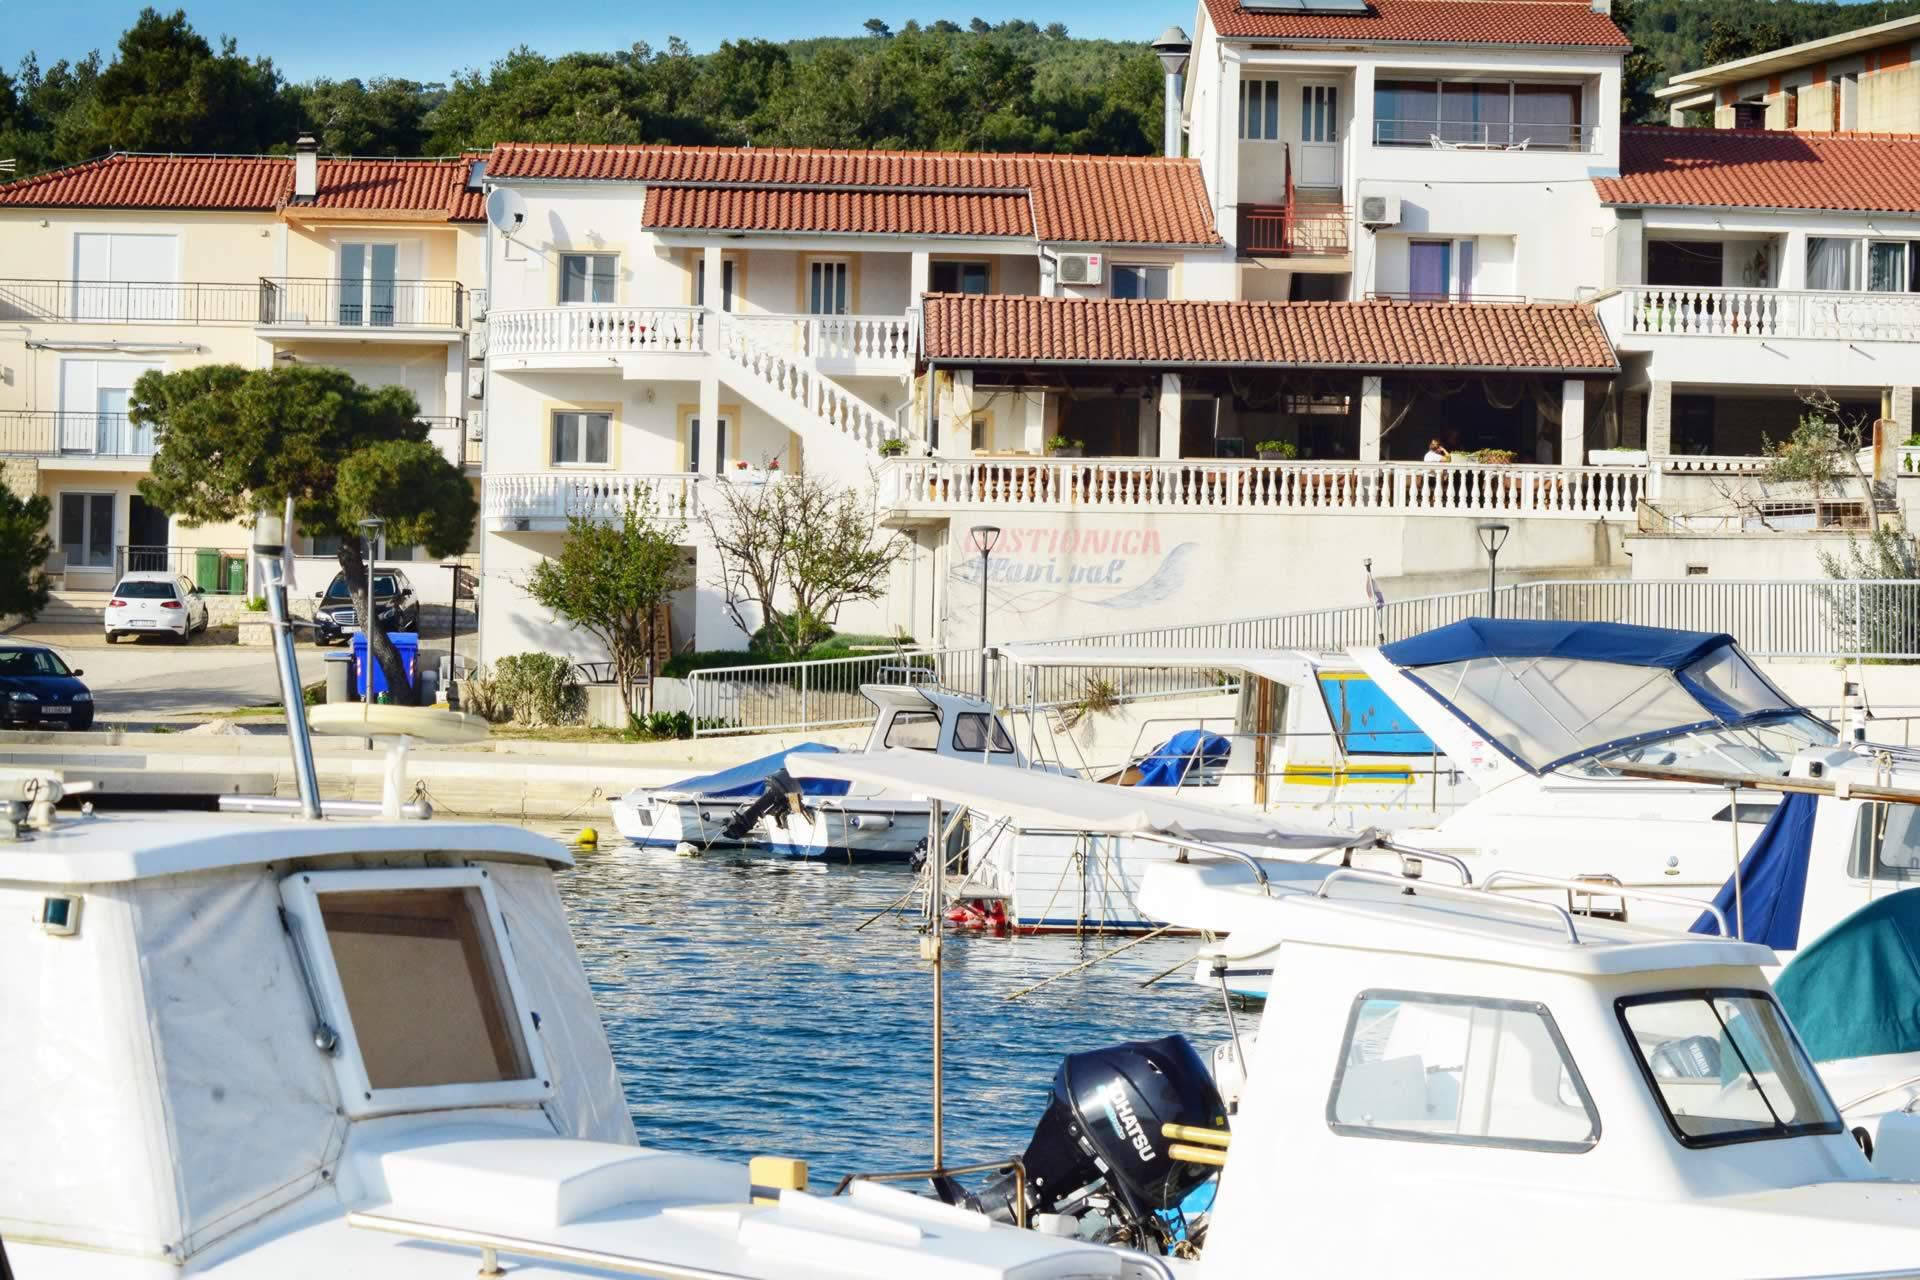 Kroatien Ferienwohnung mit Boot